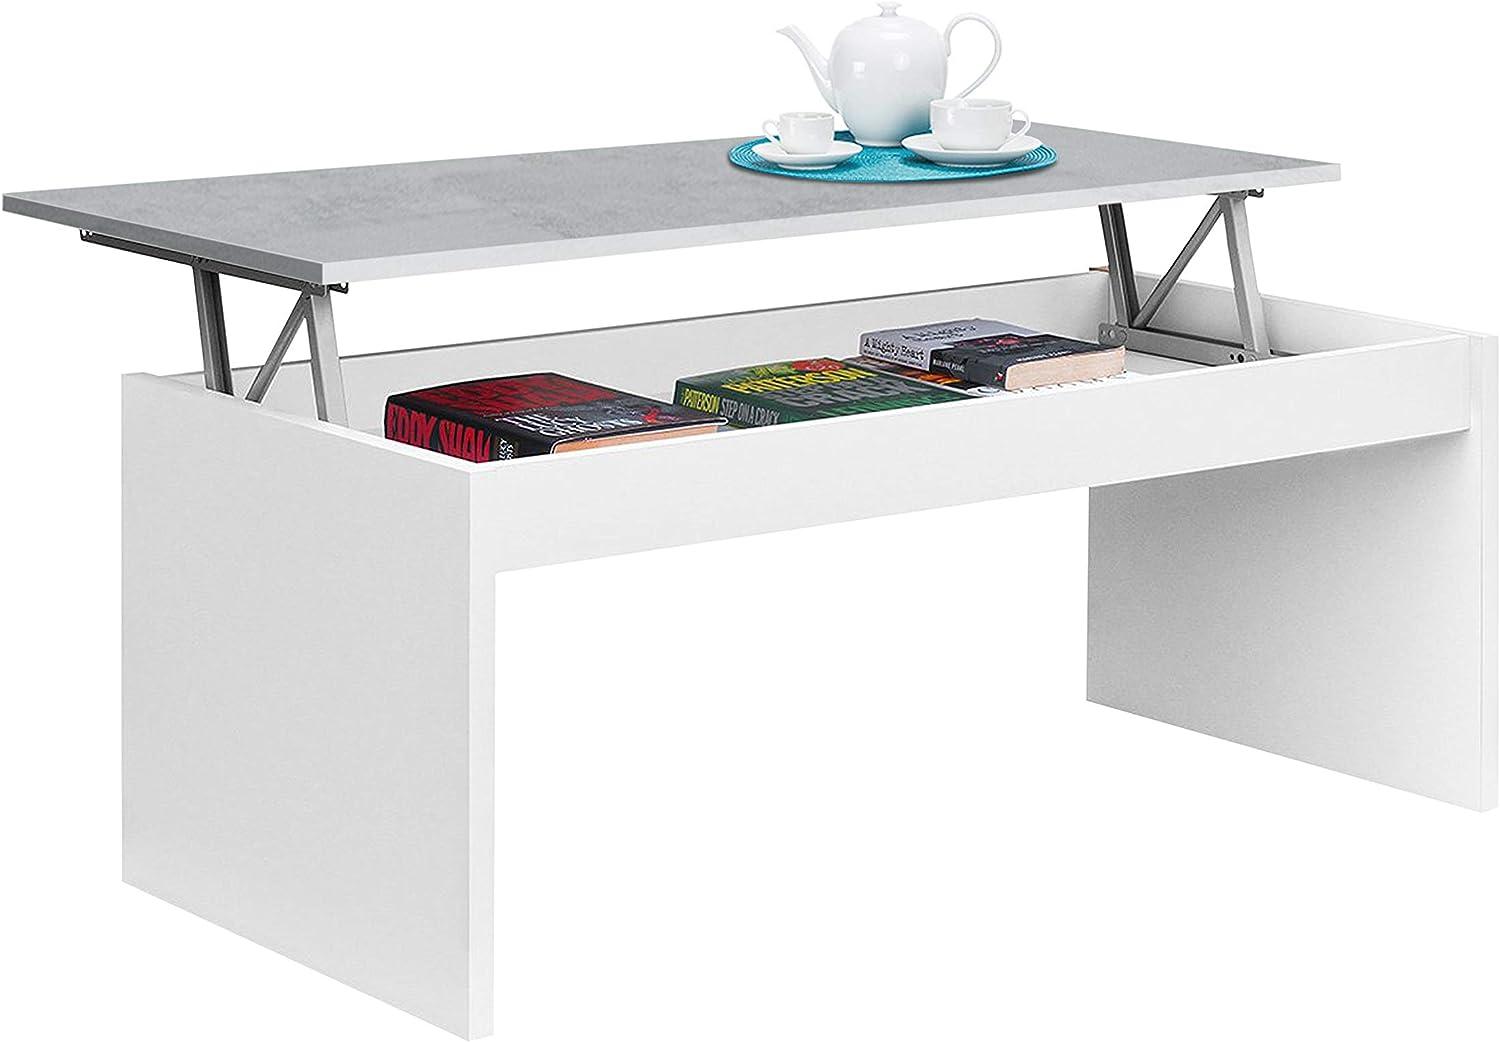 Habitdesign 0L1638A- Mesa de Centro elevable Modelo Zenit, mesita Mueble Salon Comedor Acabado en Blanco Artik - Cemento, Medidas: 102 cm (Ancho) x 43/54 cm de (Alto) x 50 cm (Fondo)